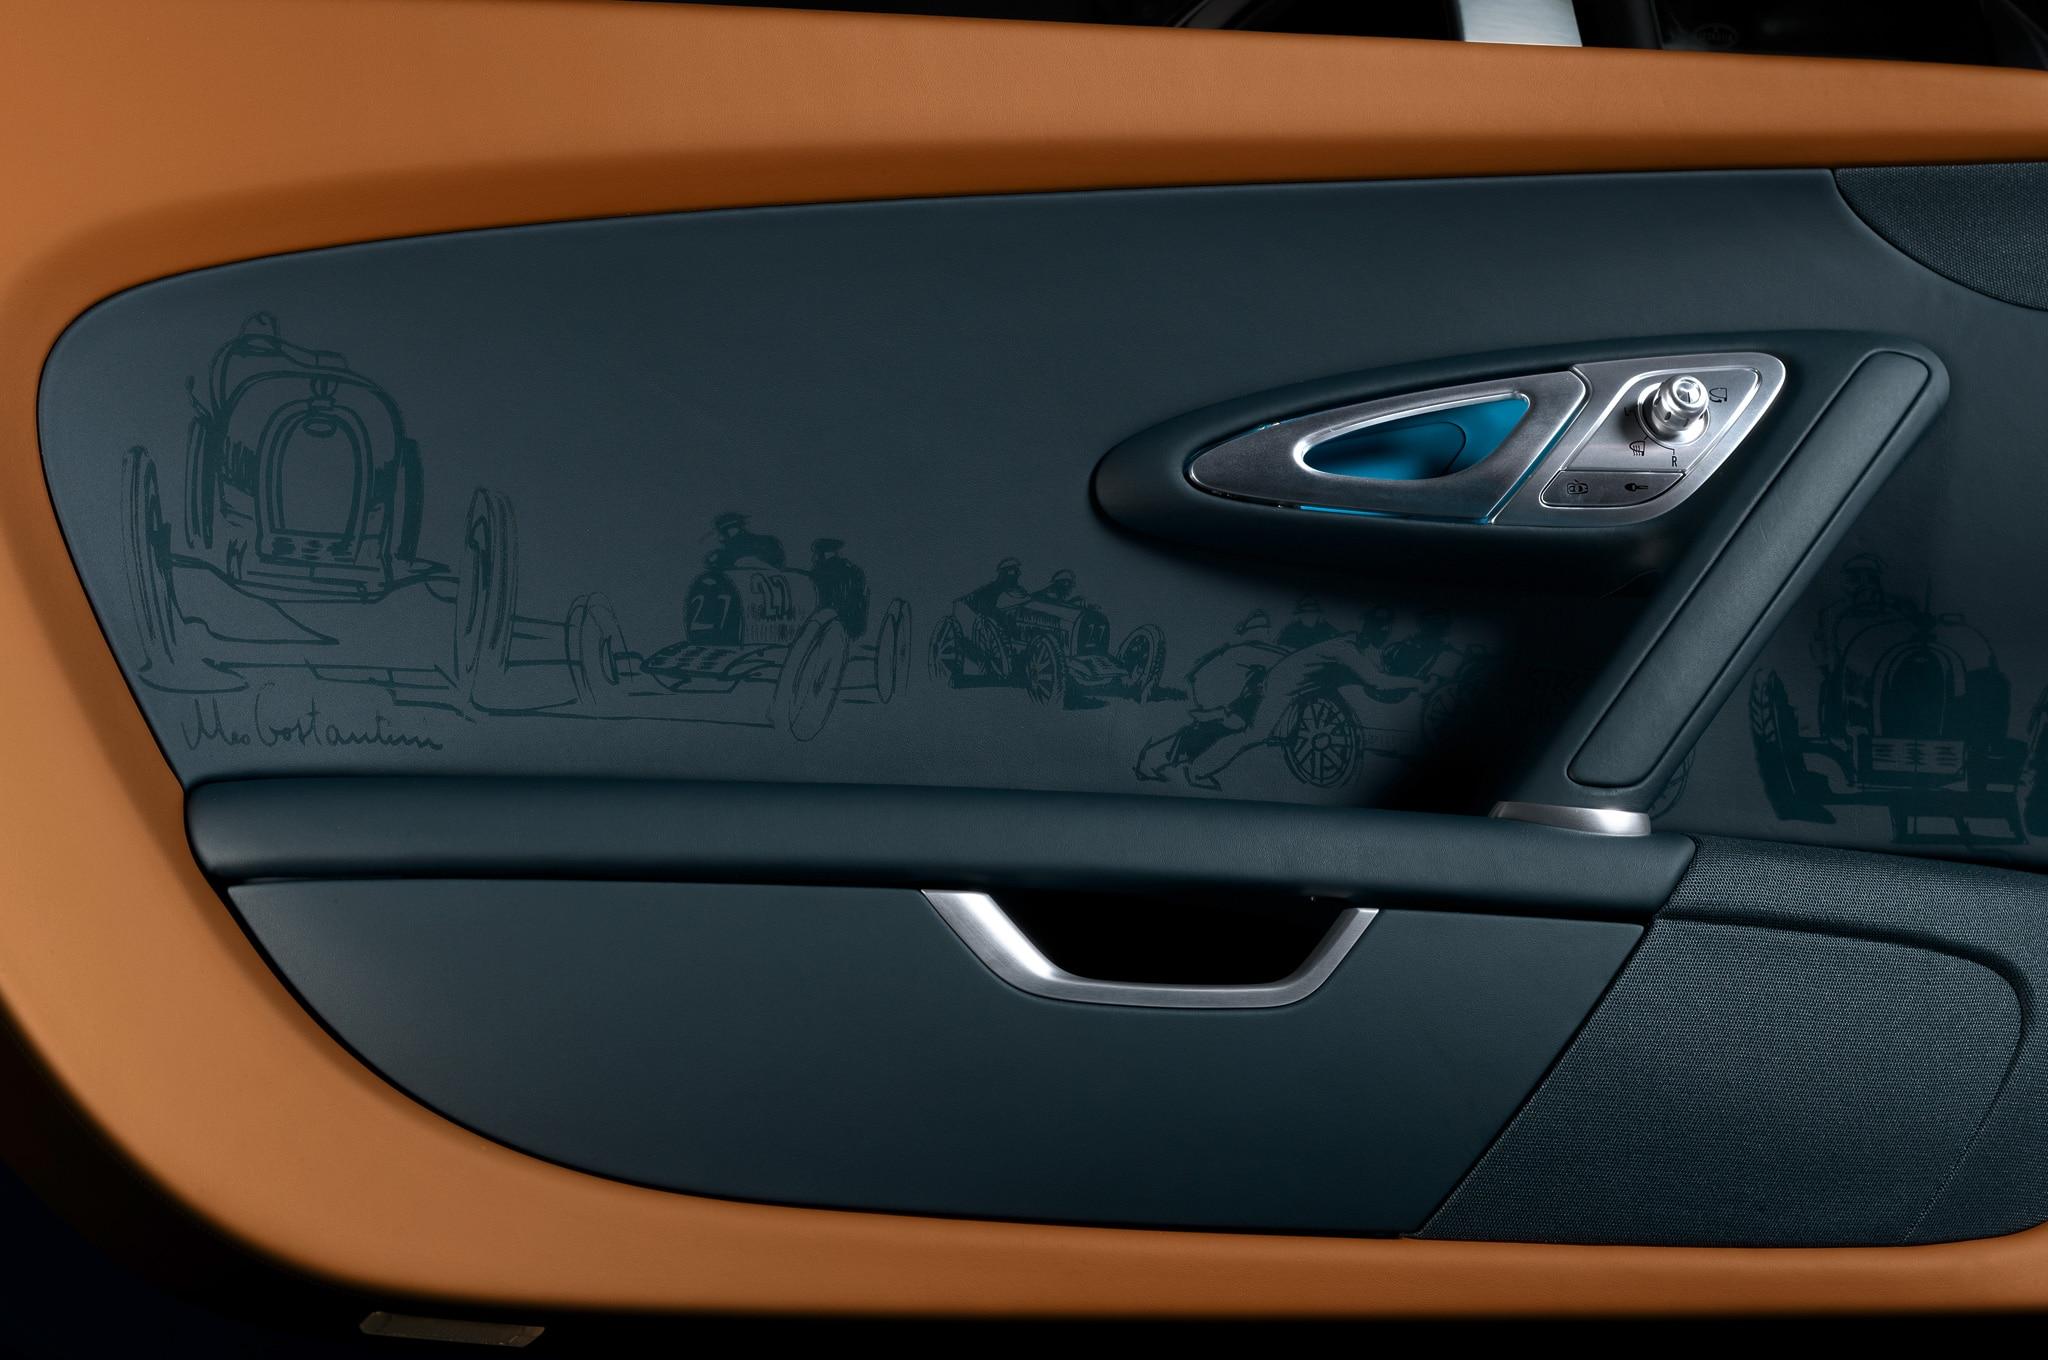 new bugatti veyron meo costantini edition debuts in dubai. Black Bedroom Furniture Sets. Home Design Ideas